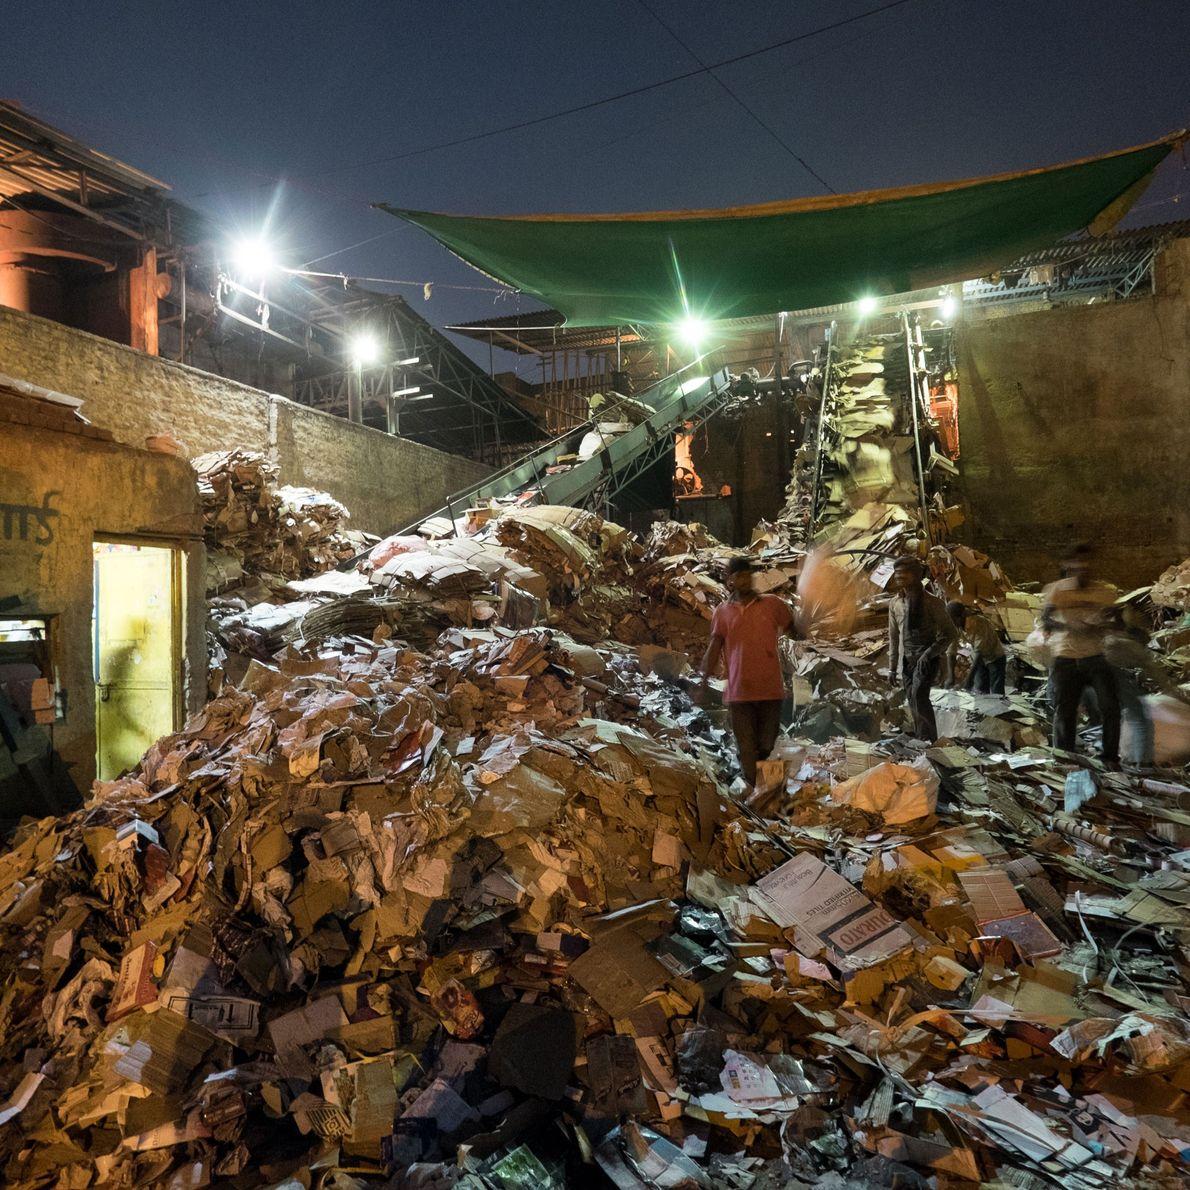 Fotografia da reciclagem de papel no sector 51, em Noida.